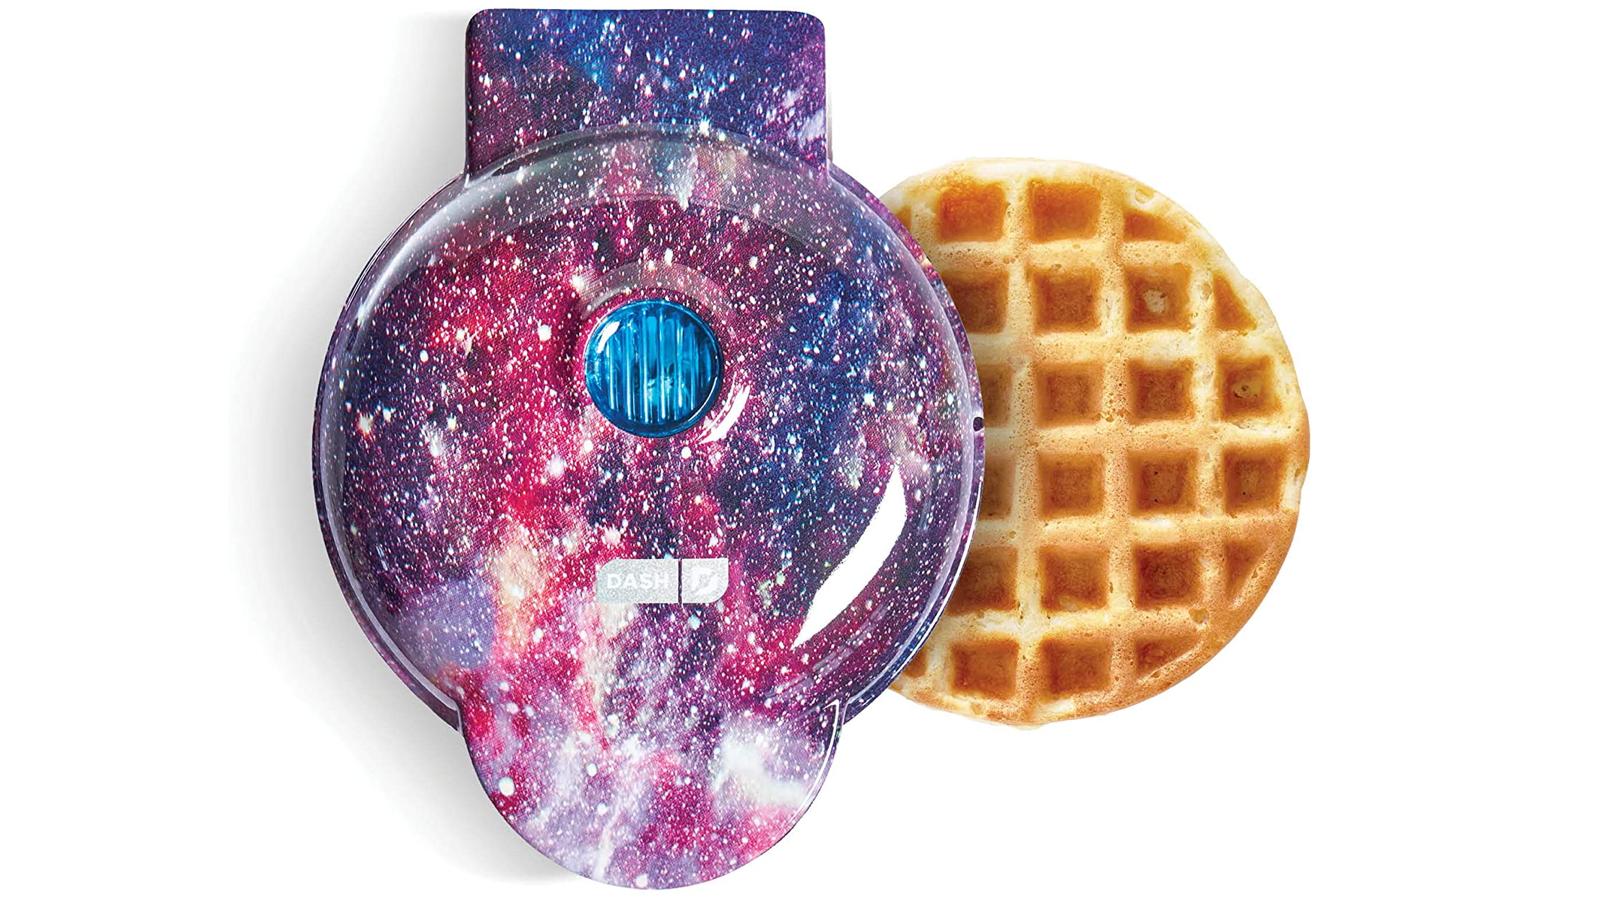 round miniature galaxy-patterned waffle maker